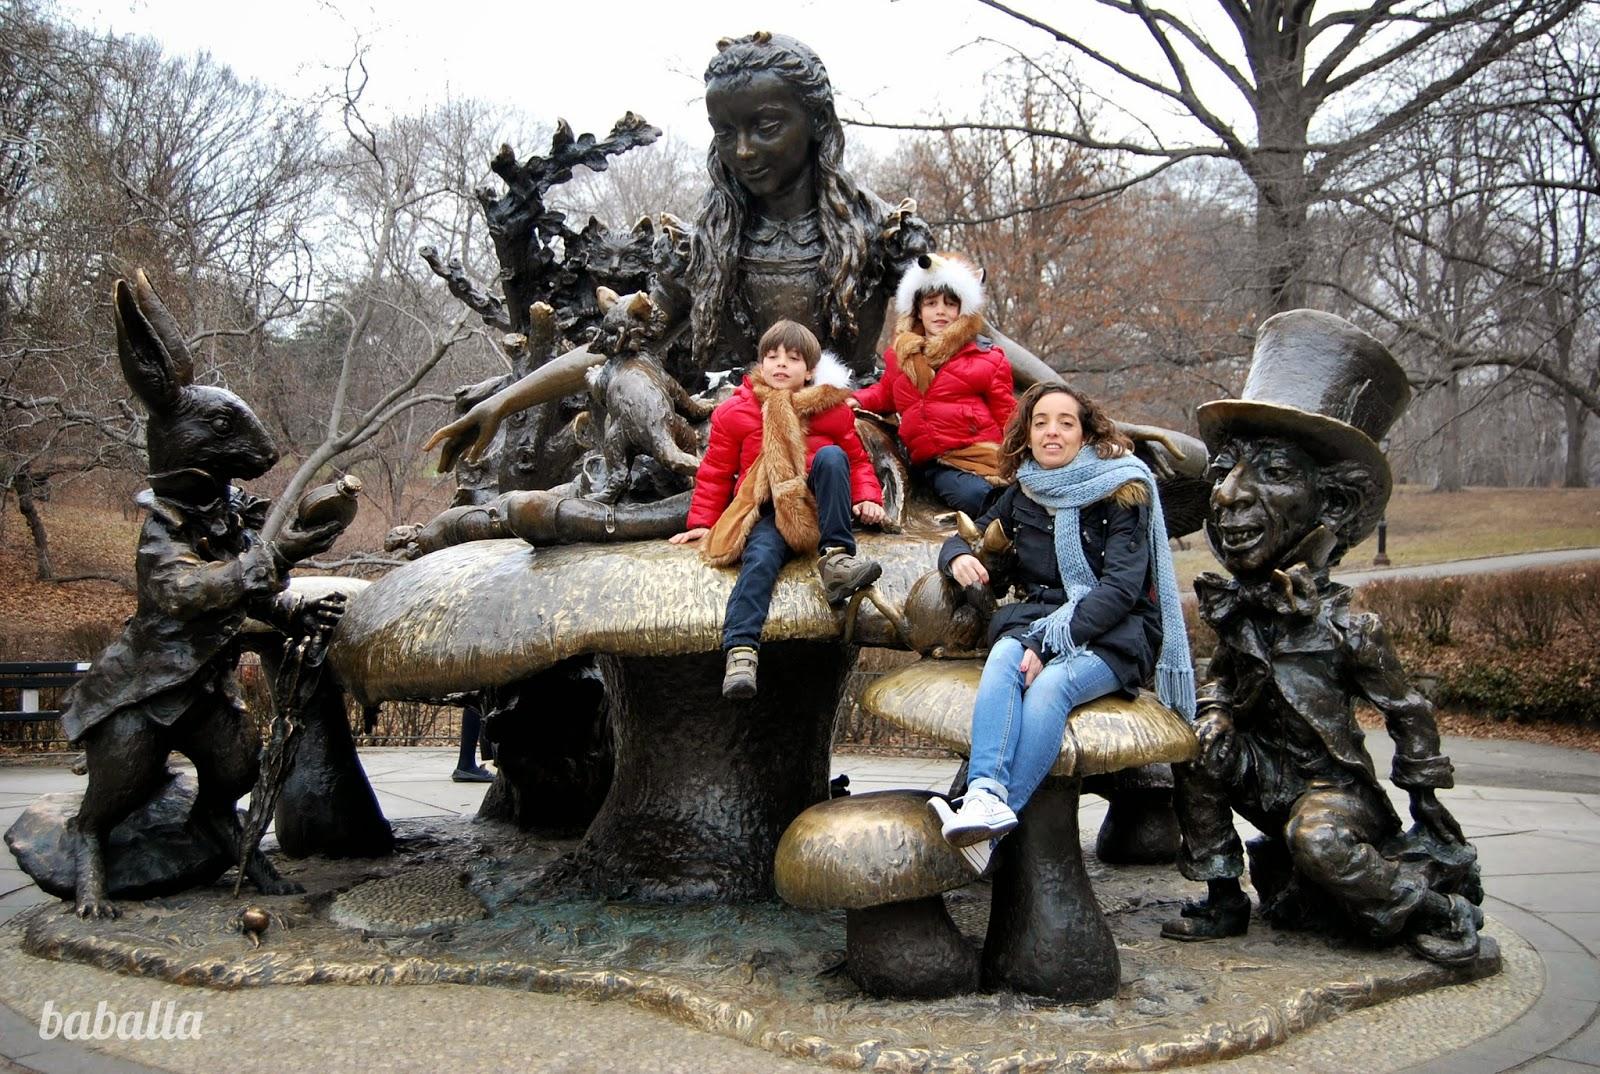 nueva york con niños central park y más-3635-baballa